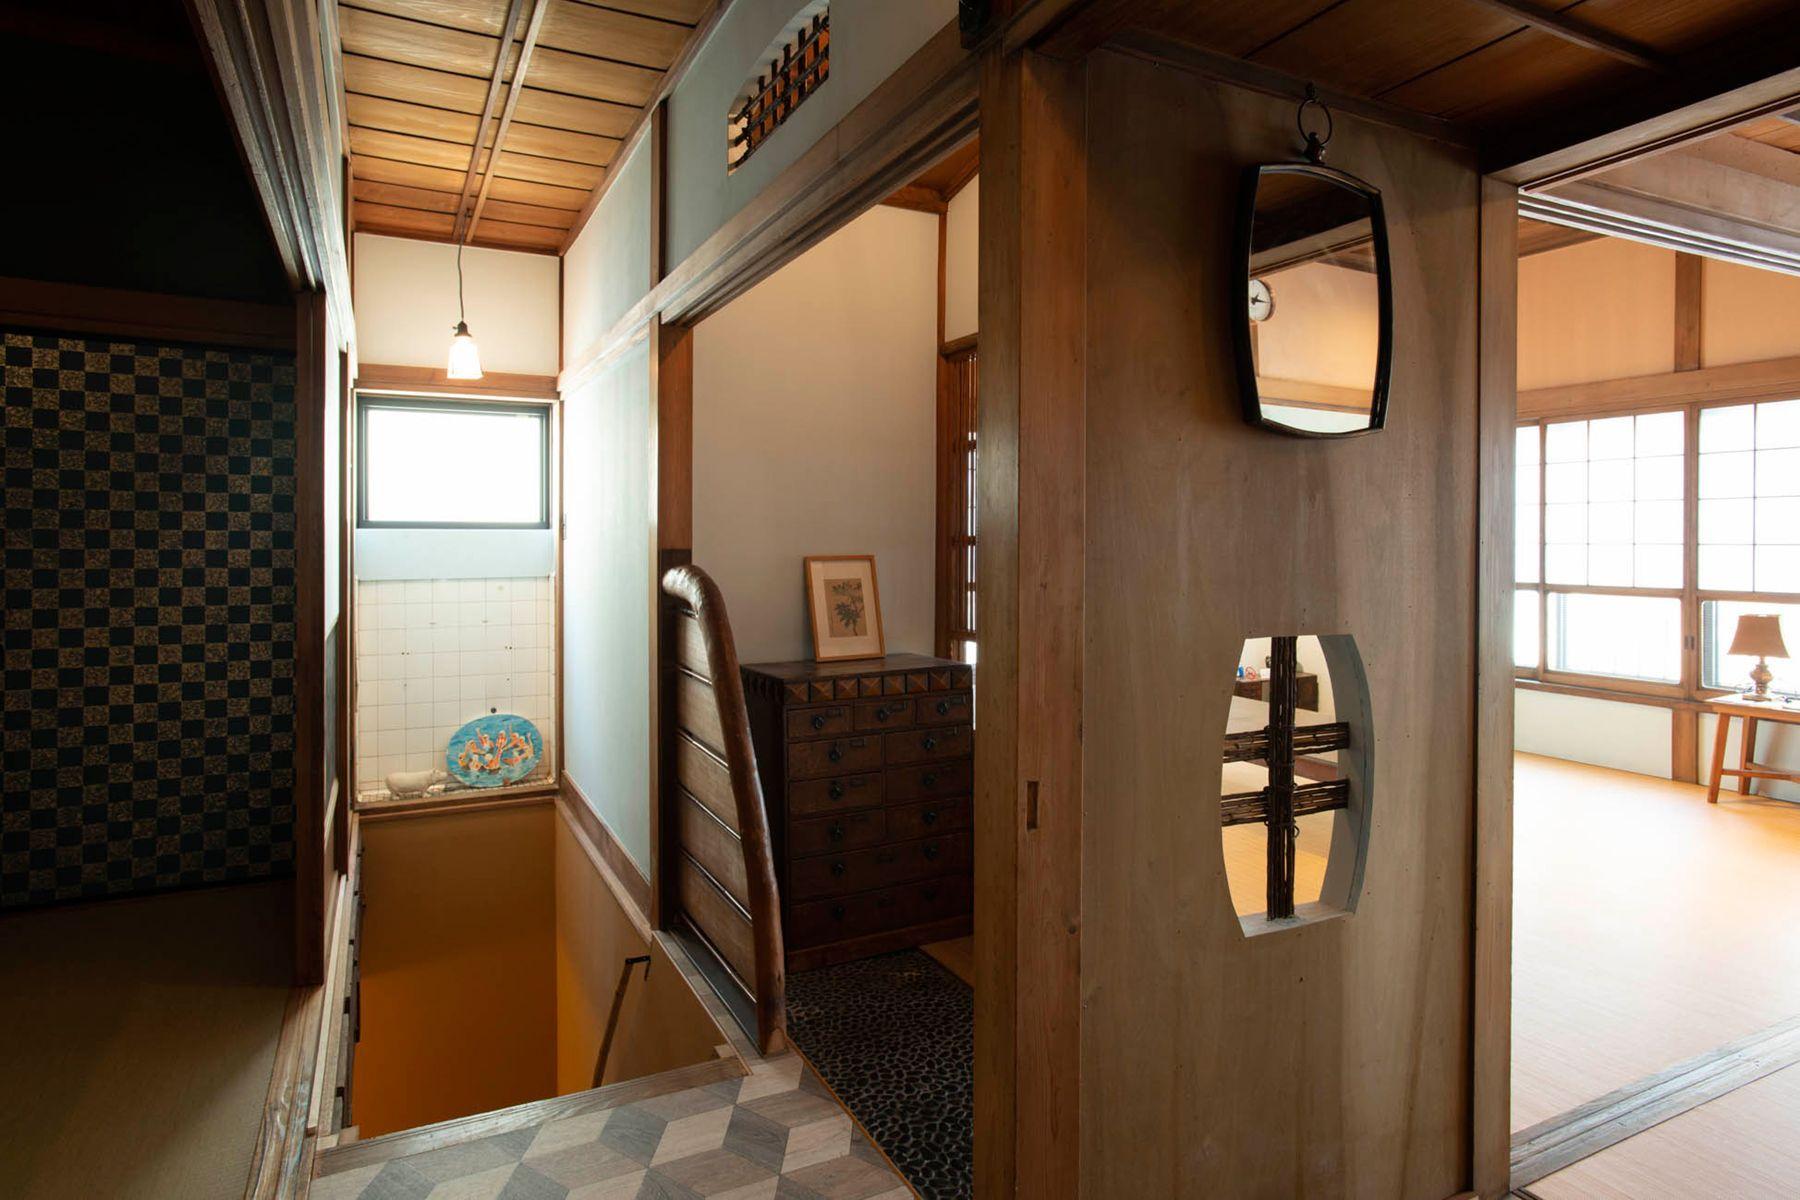 江戸端会議室 (エドバタカイギシツ)玄関から階段